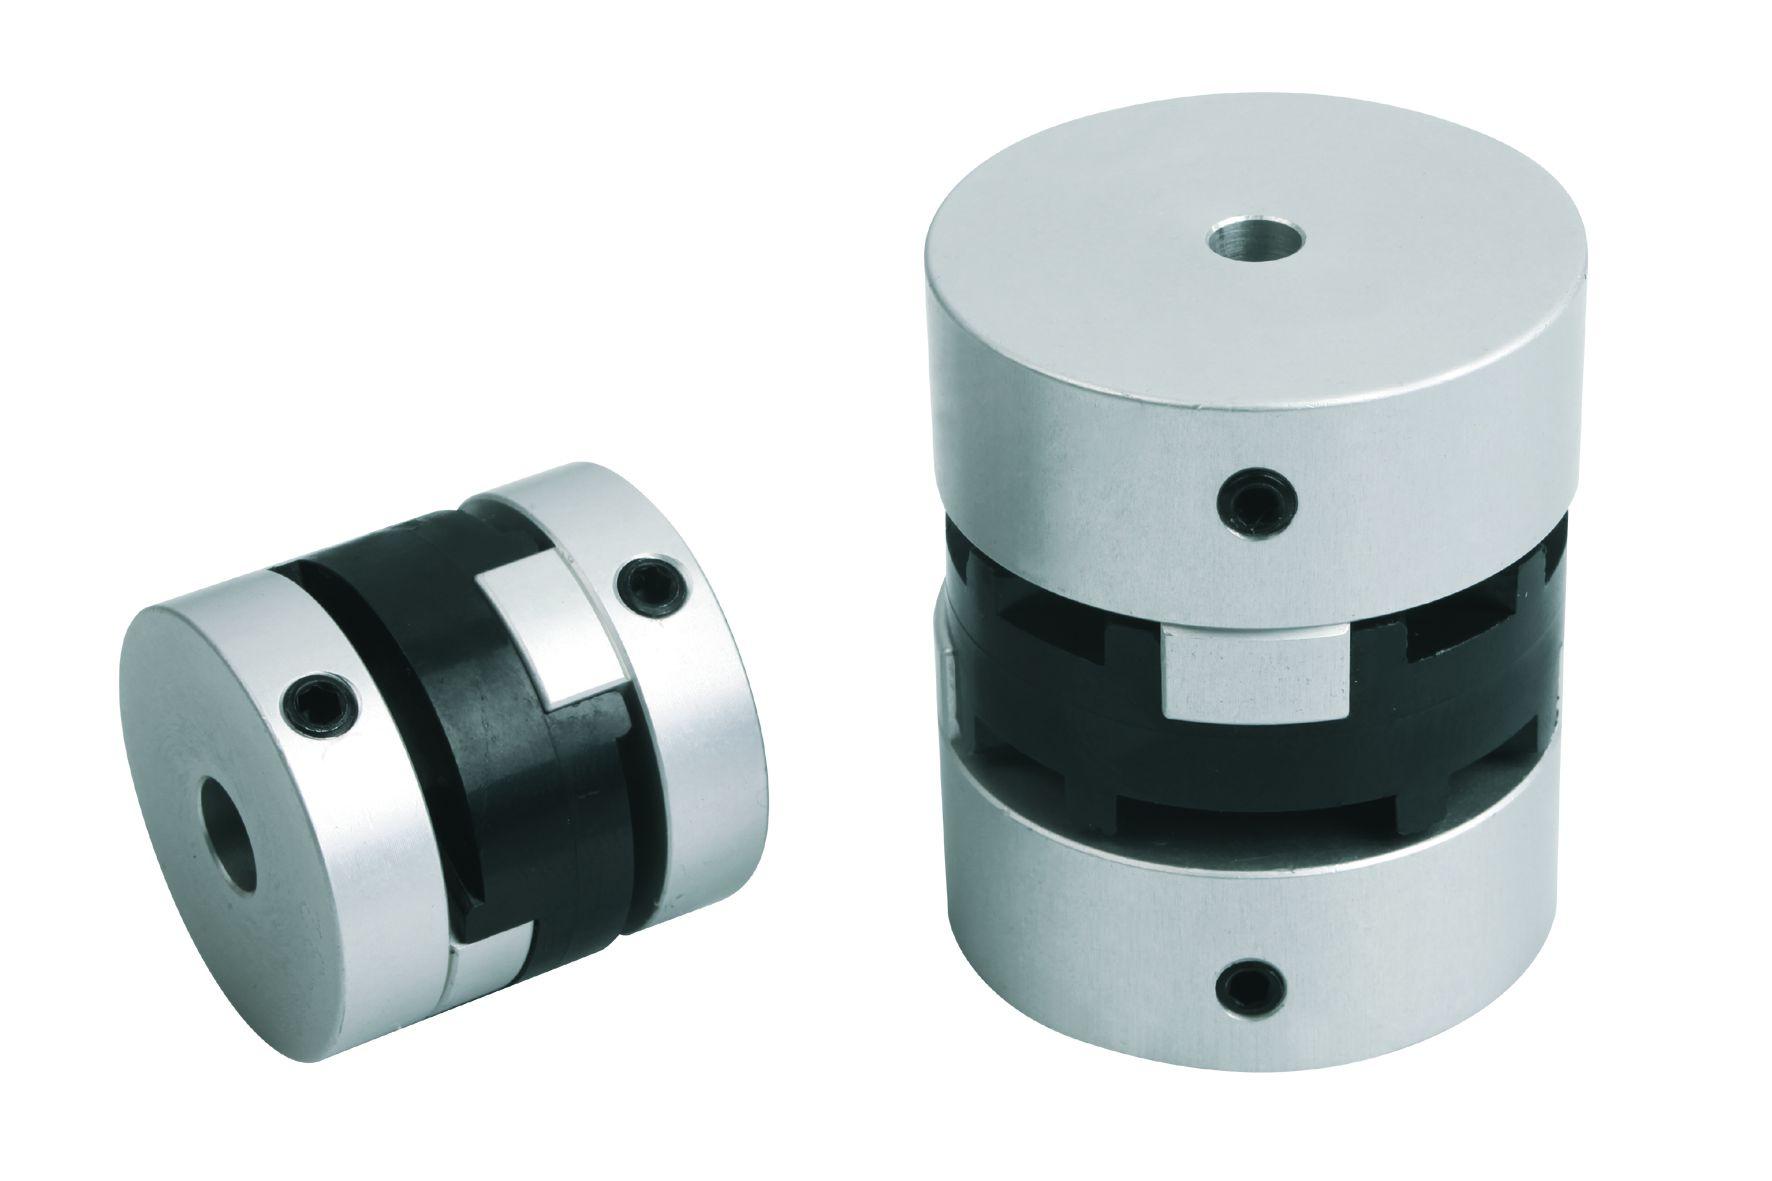 Werkstoff: Kreuzschieber Polyacetal, Nabe Aluminium. Hinweis: Das Klemmen der Nabe mittels Gewindestift ist eine kosteng